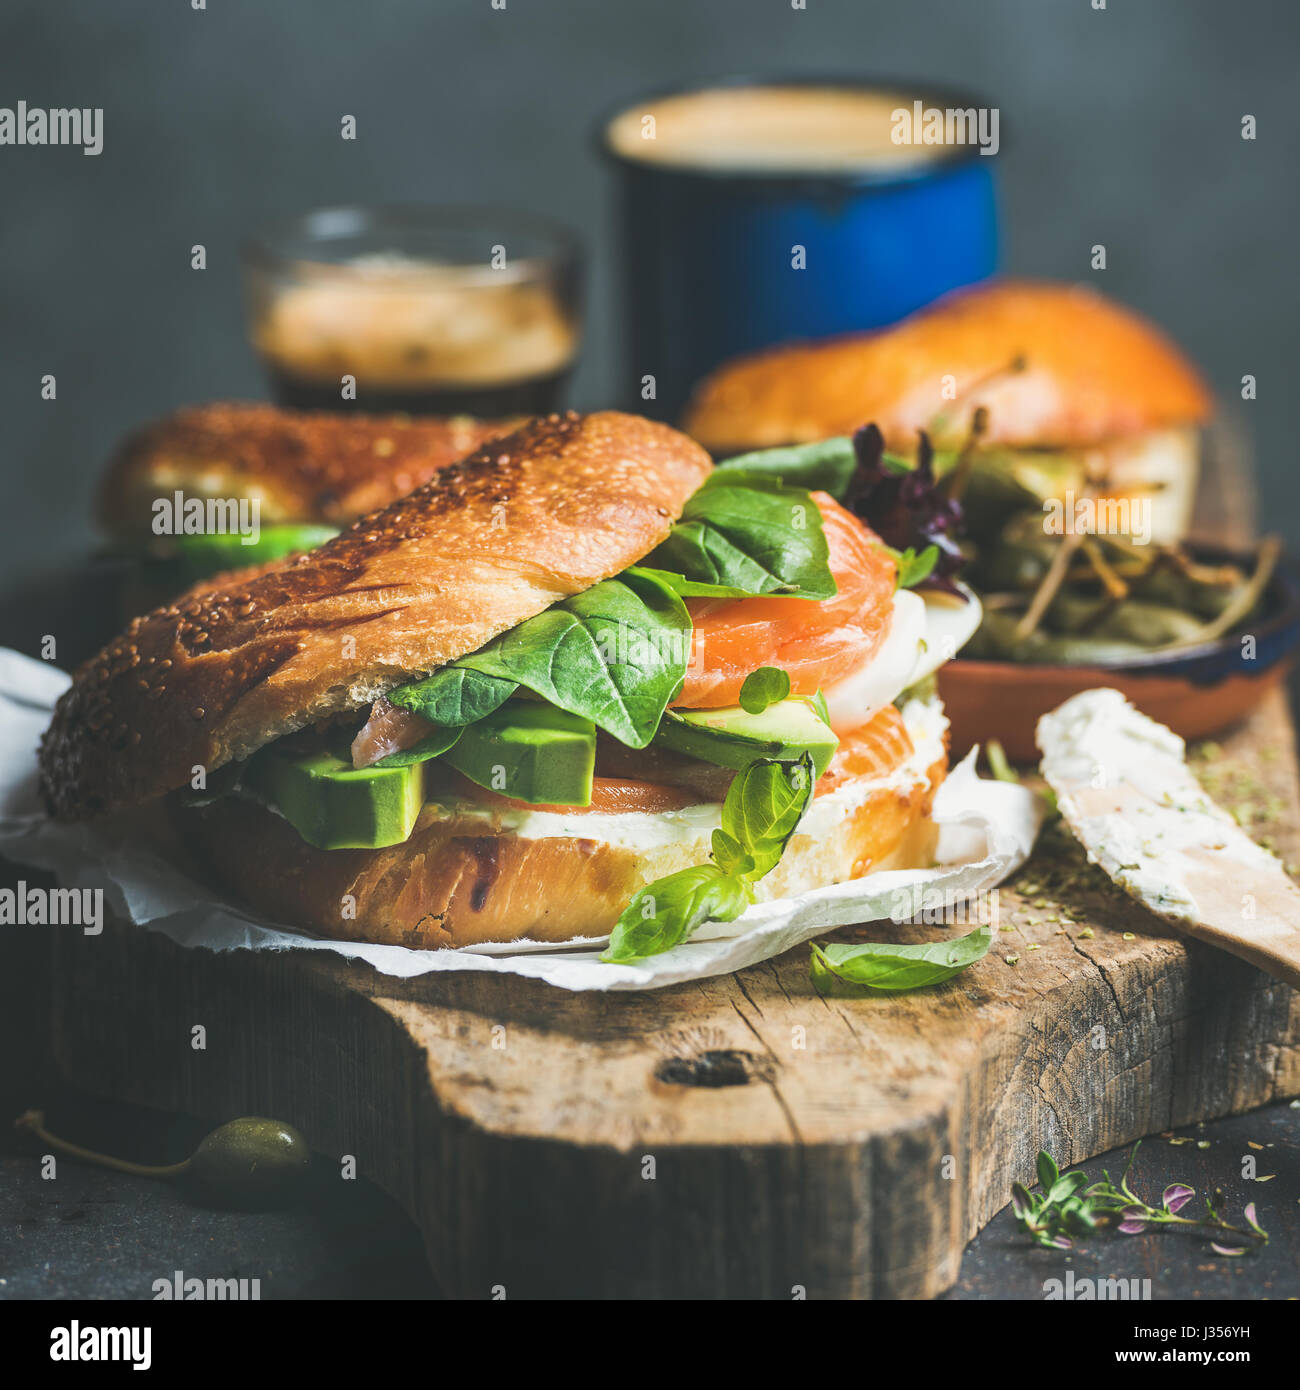 Nahaufnahme der Bagel mit Lachs, Frischkäse, Vebegables und Kaffee espresso Stockbild